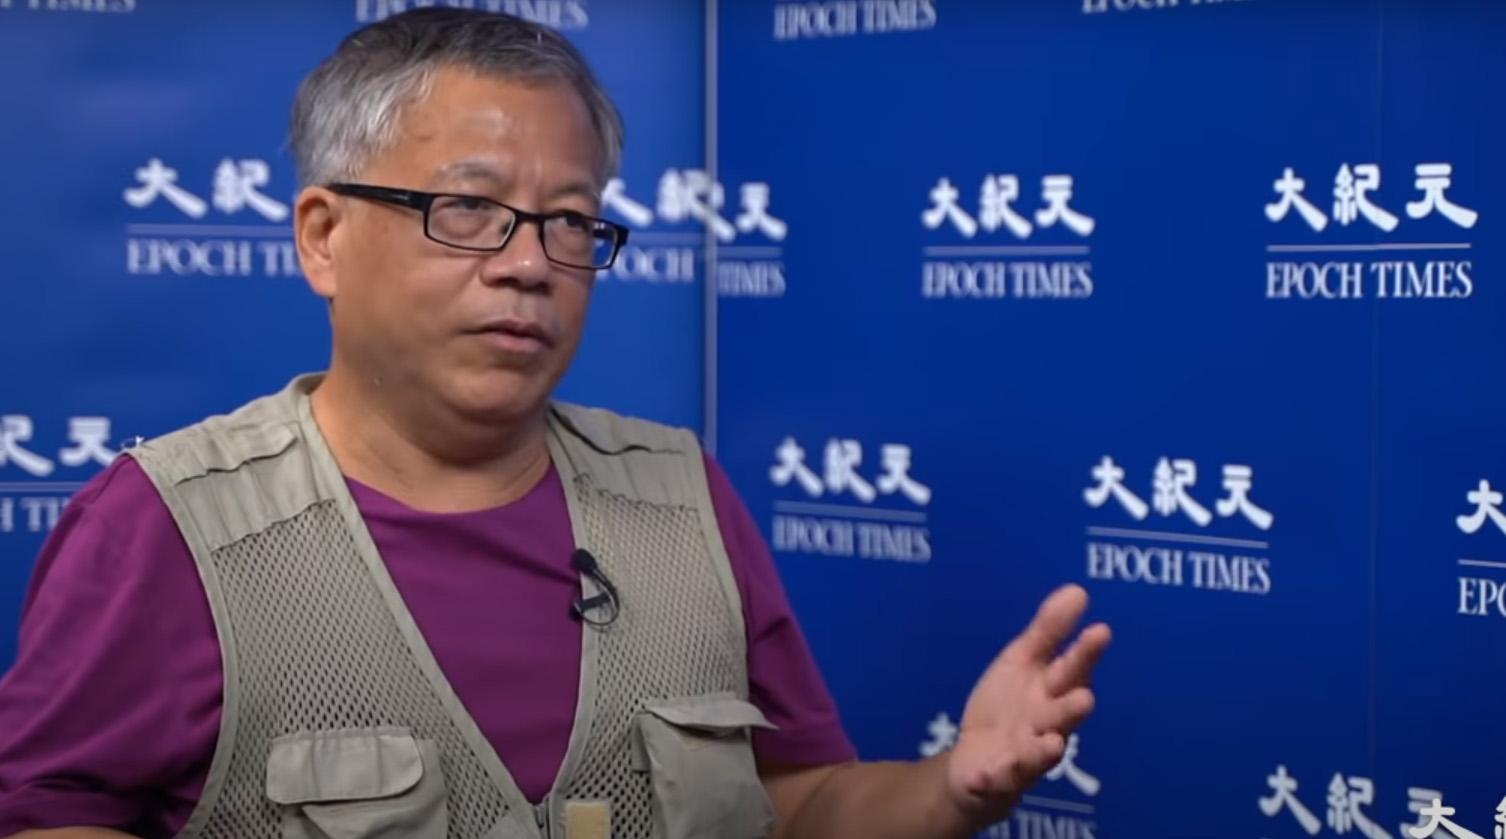 「香港化學教父」前香港中文大學講師鄺士山。(採訪影片截圖)